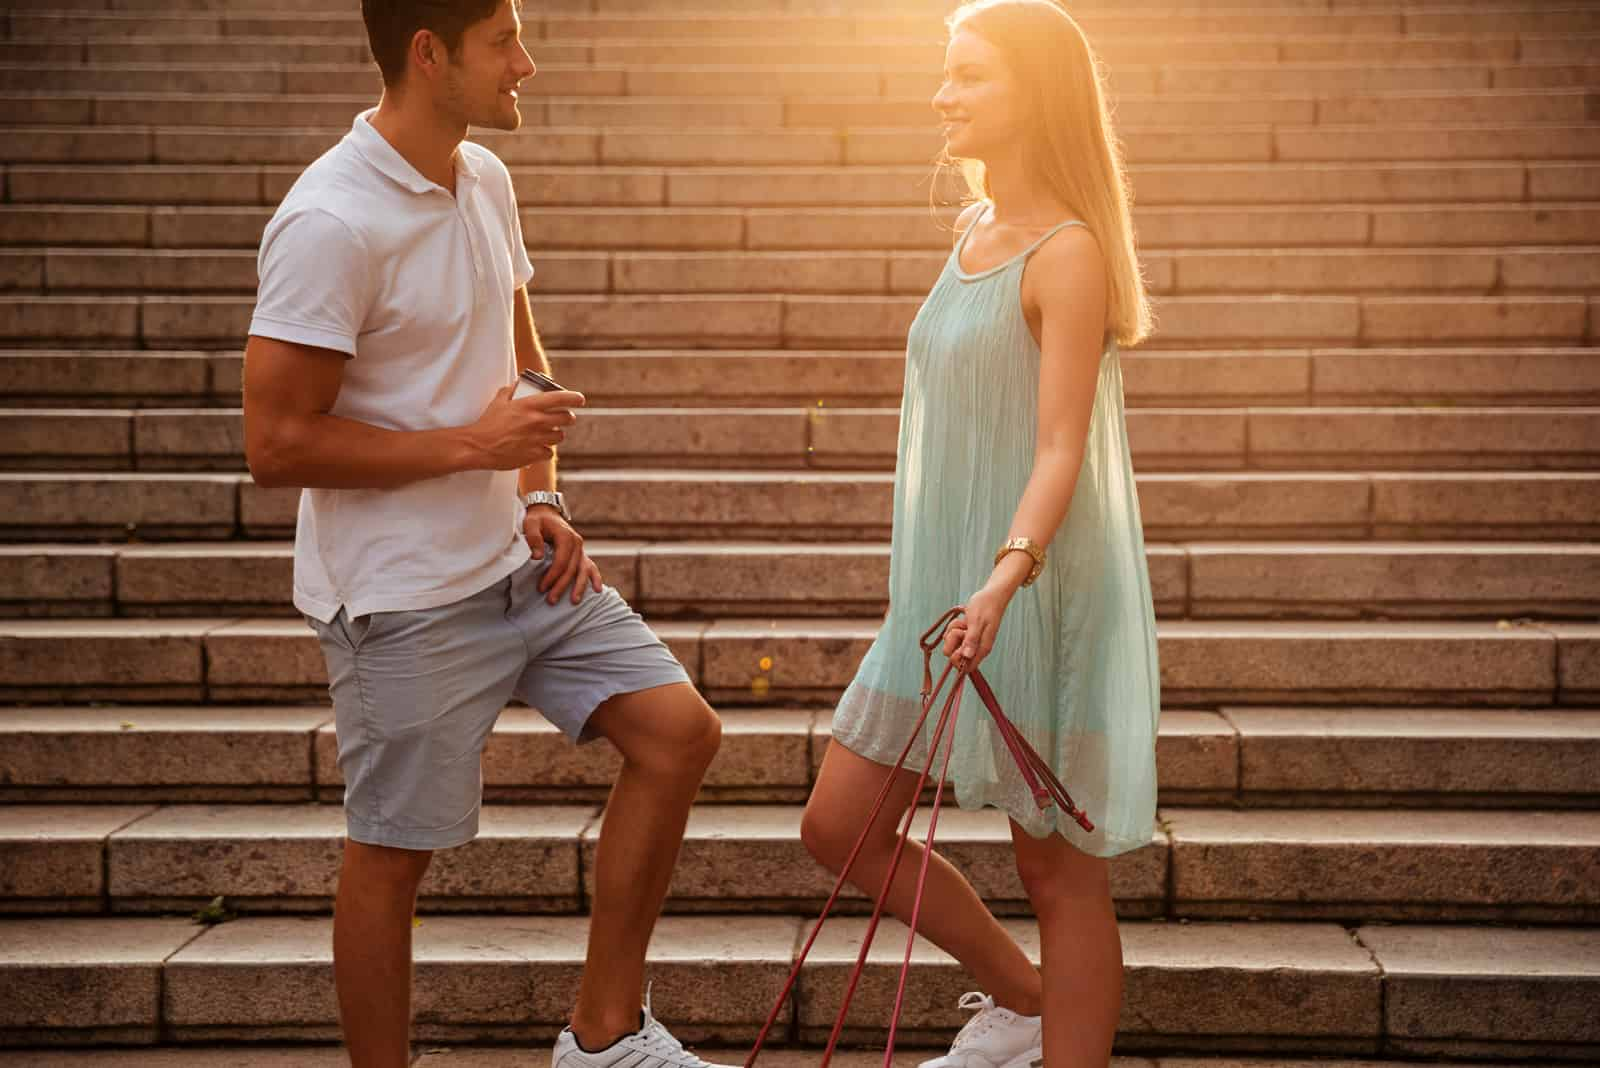 un homme et une femme se tiennent dans les escaliers et parlent